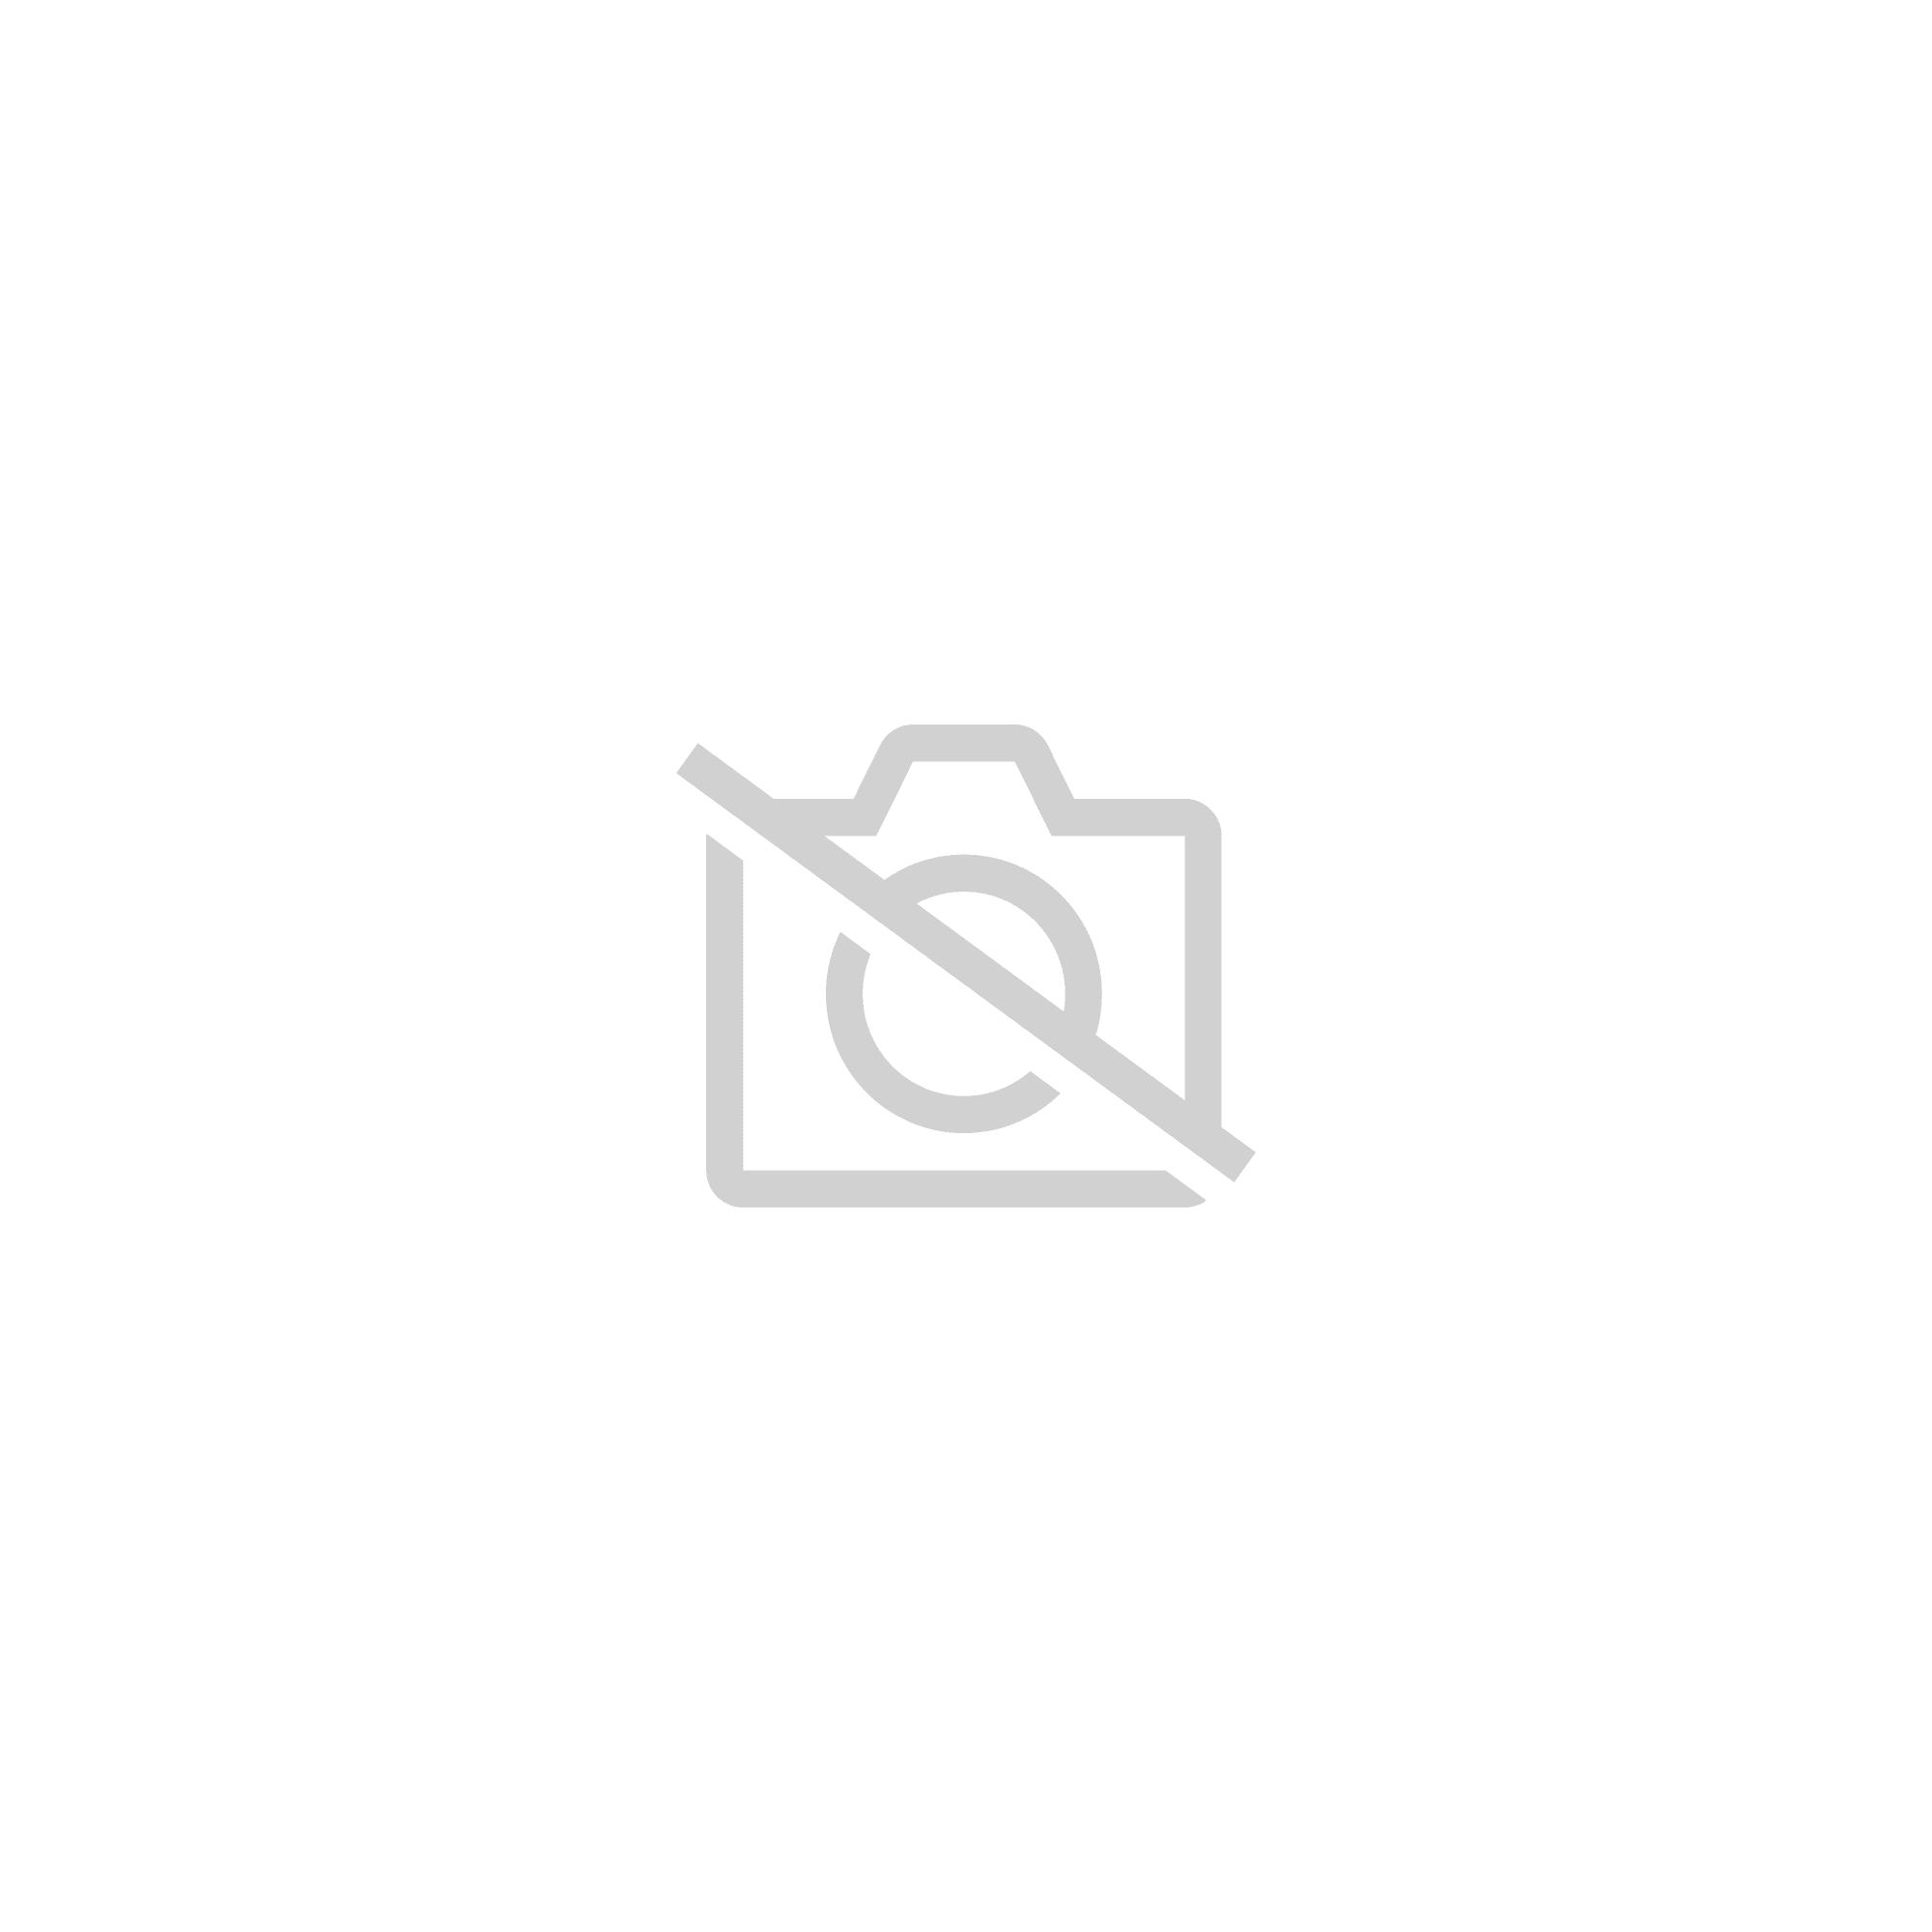 Scholl Rape Électrique Pour Les Pieds Velvet Smooth 1 Unite